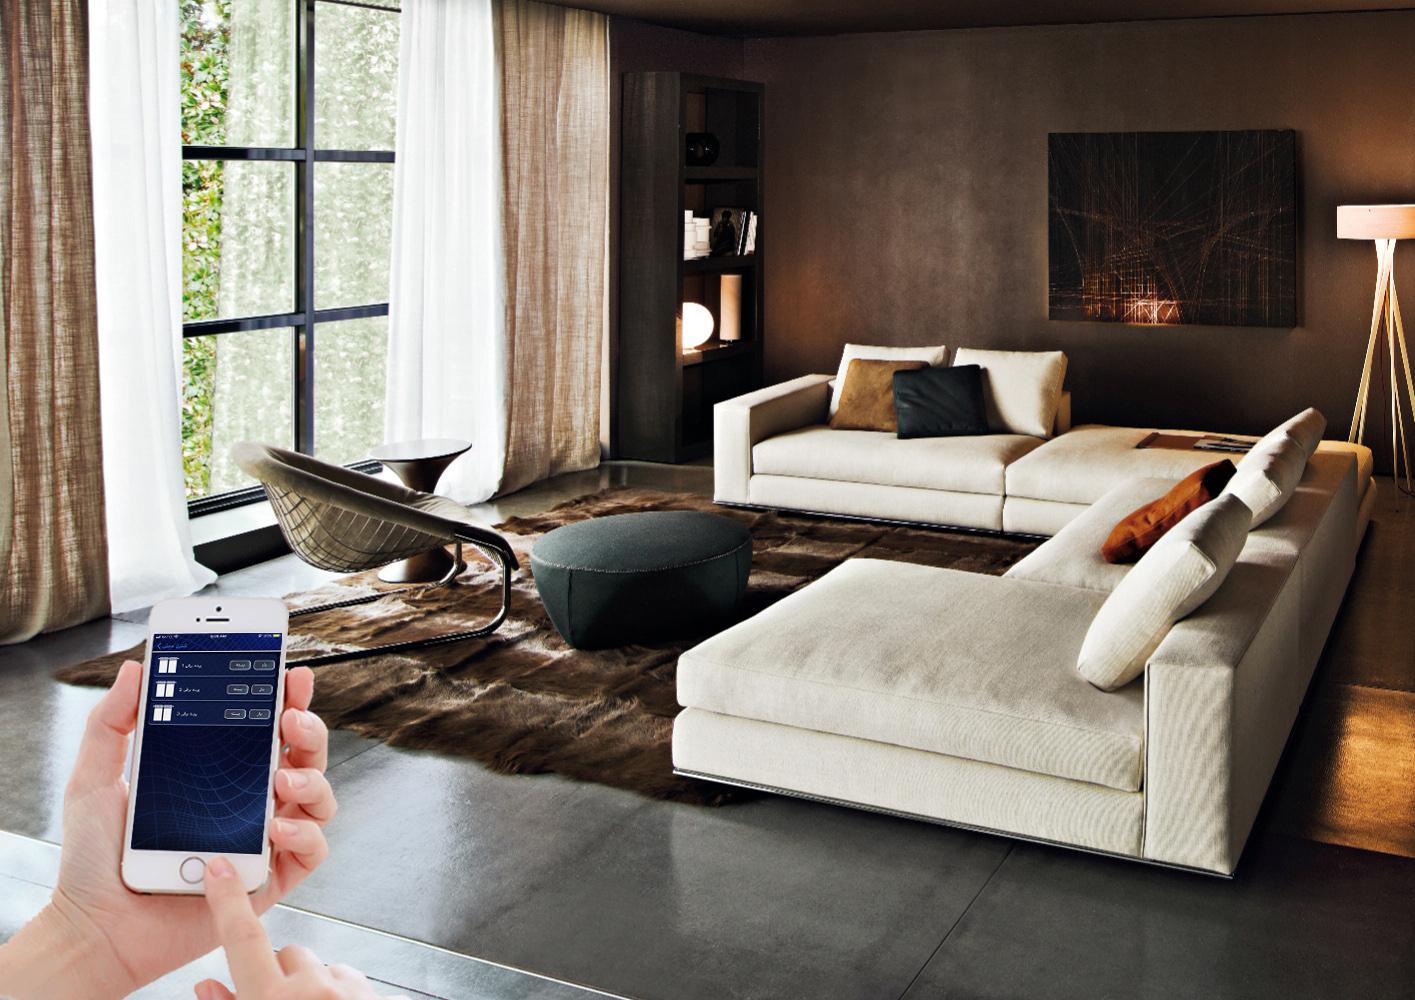 سیستم پرده برقی خانه هوشمند آلفا